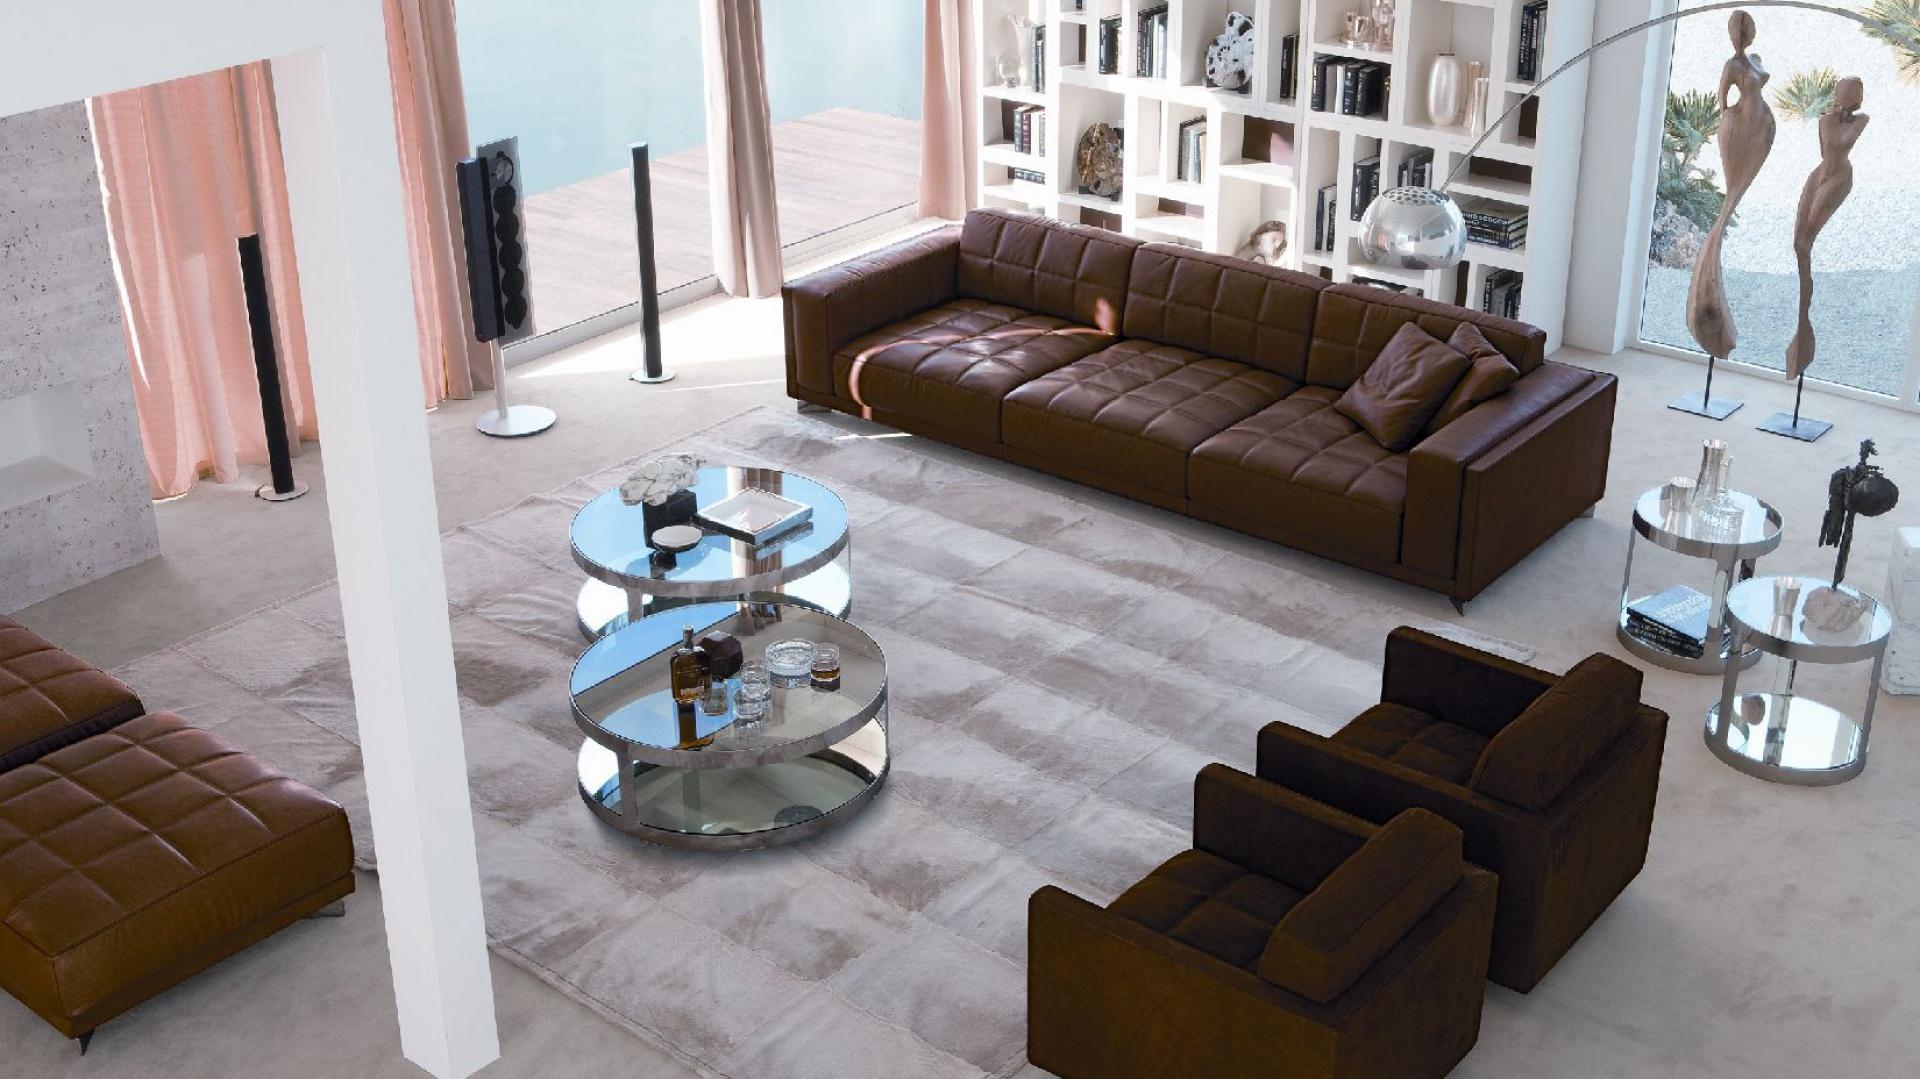 Fot. Ipnotic Concept Store.